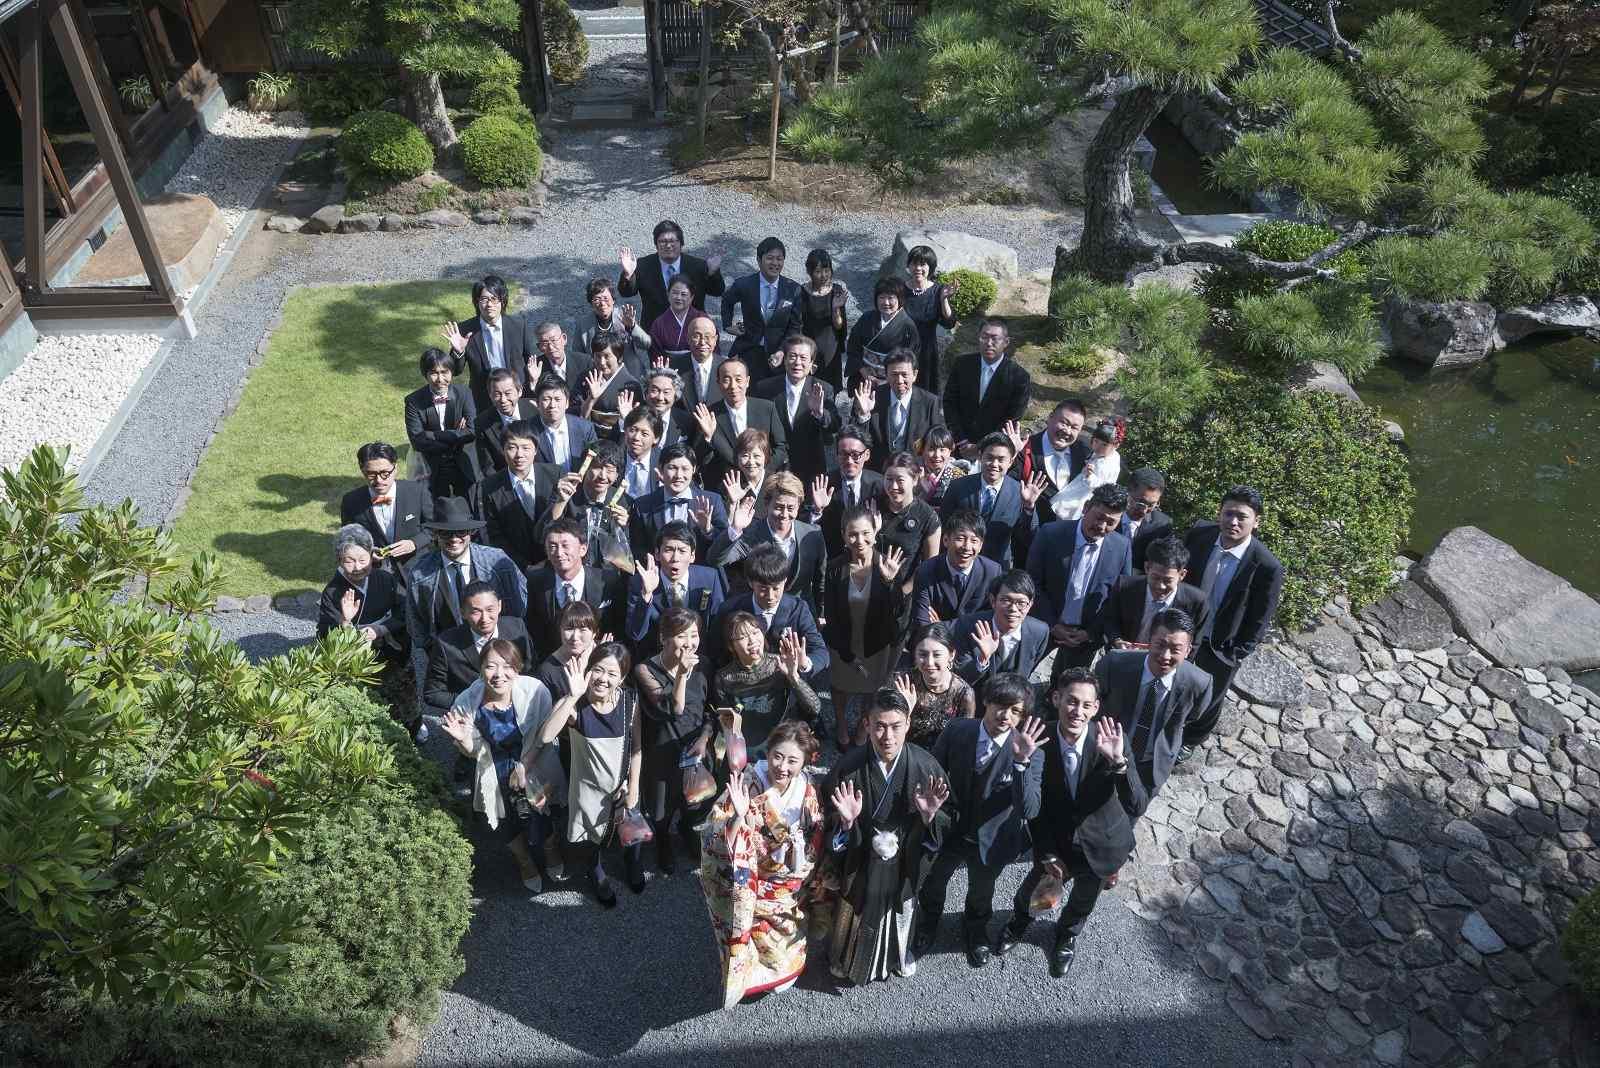 香川県高松市の小さな結婚式相談カウンターマリマリコンシェルジュのご紹介式場 弓絃葉の庭園で新郎新婦とゲストの記念撮影